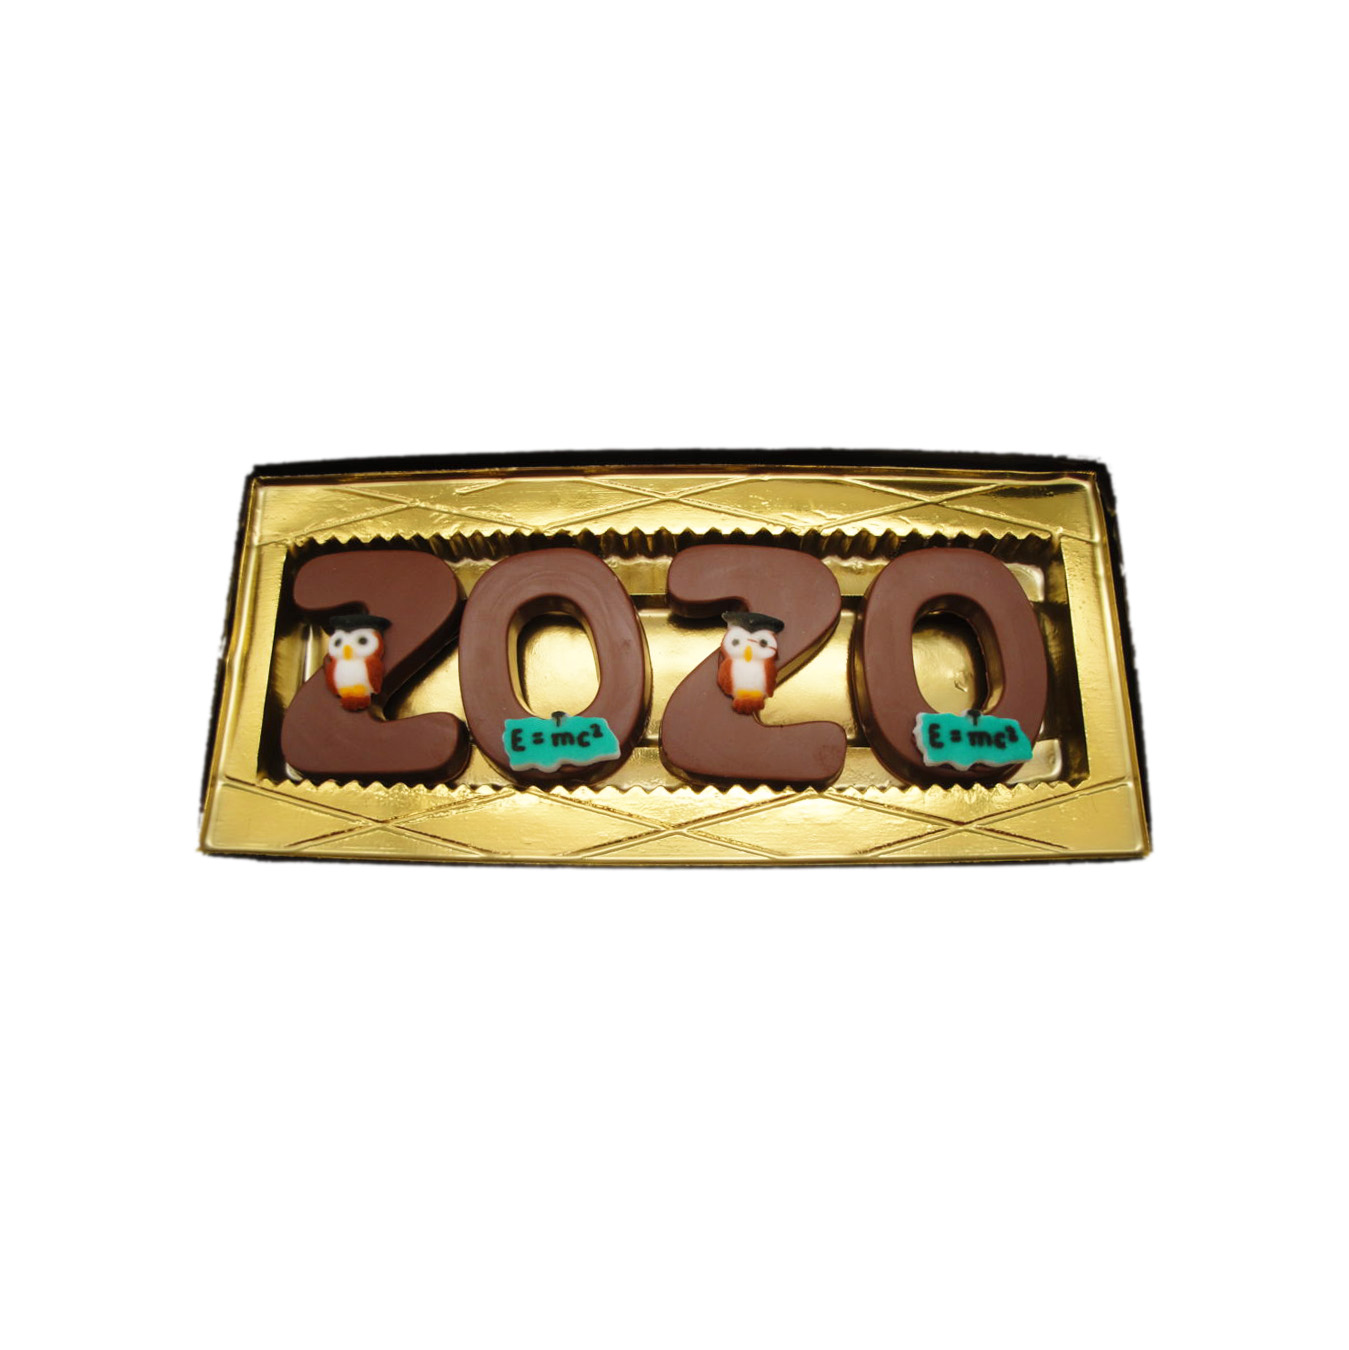 2020 gift box